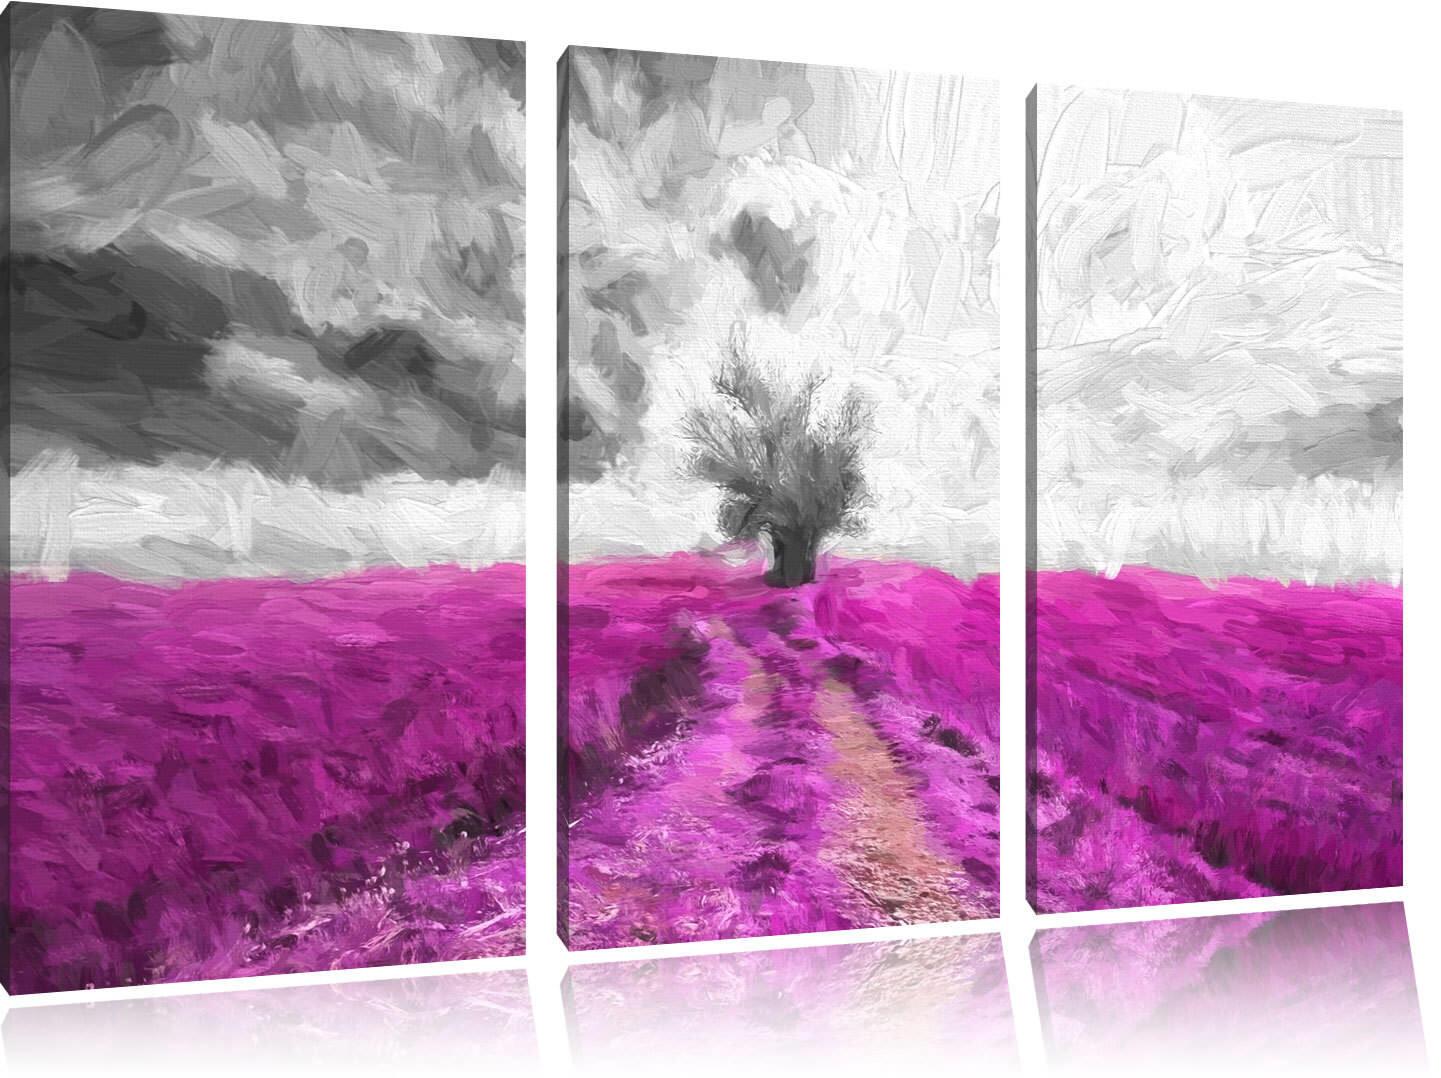 Bello Baum Im Campo di Lavanda 3-Teiler Quadro su Tel Decorazione Parete